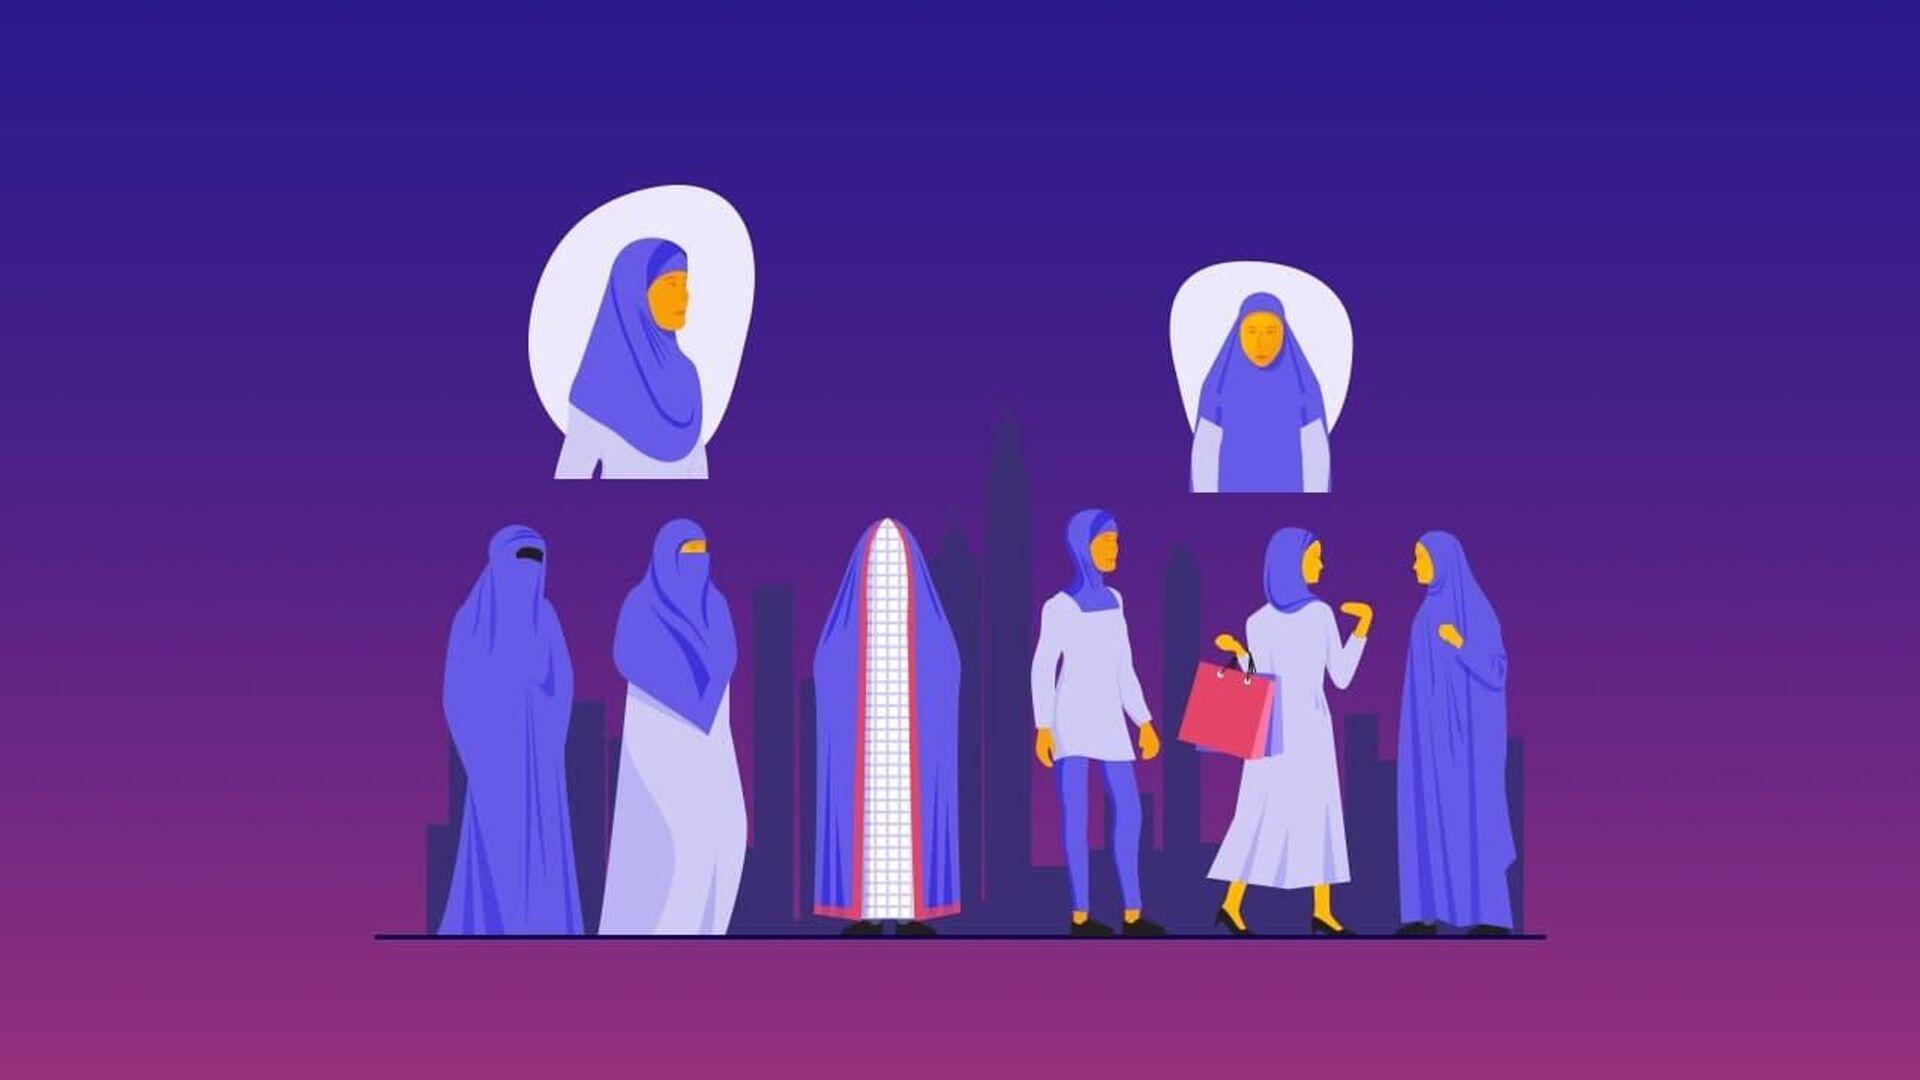 Hijab, Chador, Niqab, Burqa, che differenza c'è - Sputnik Italia, 1920, 01.09.2021